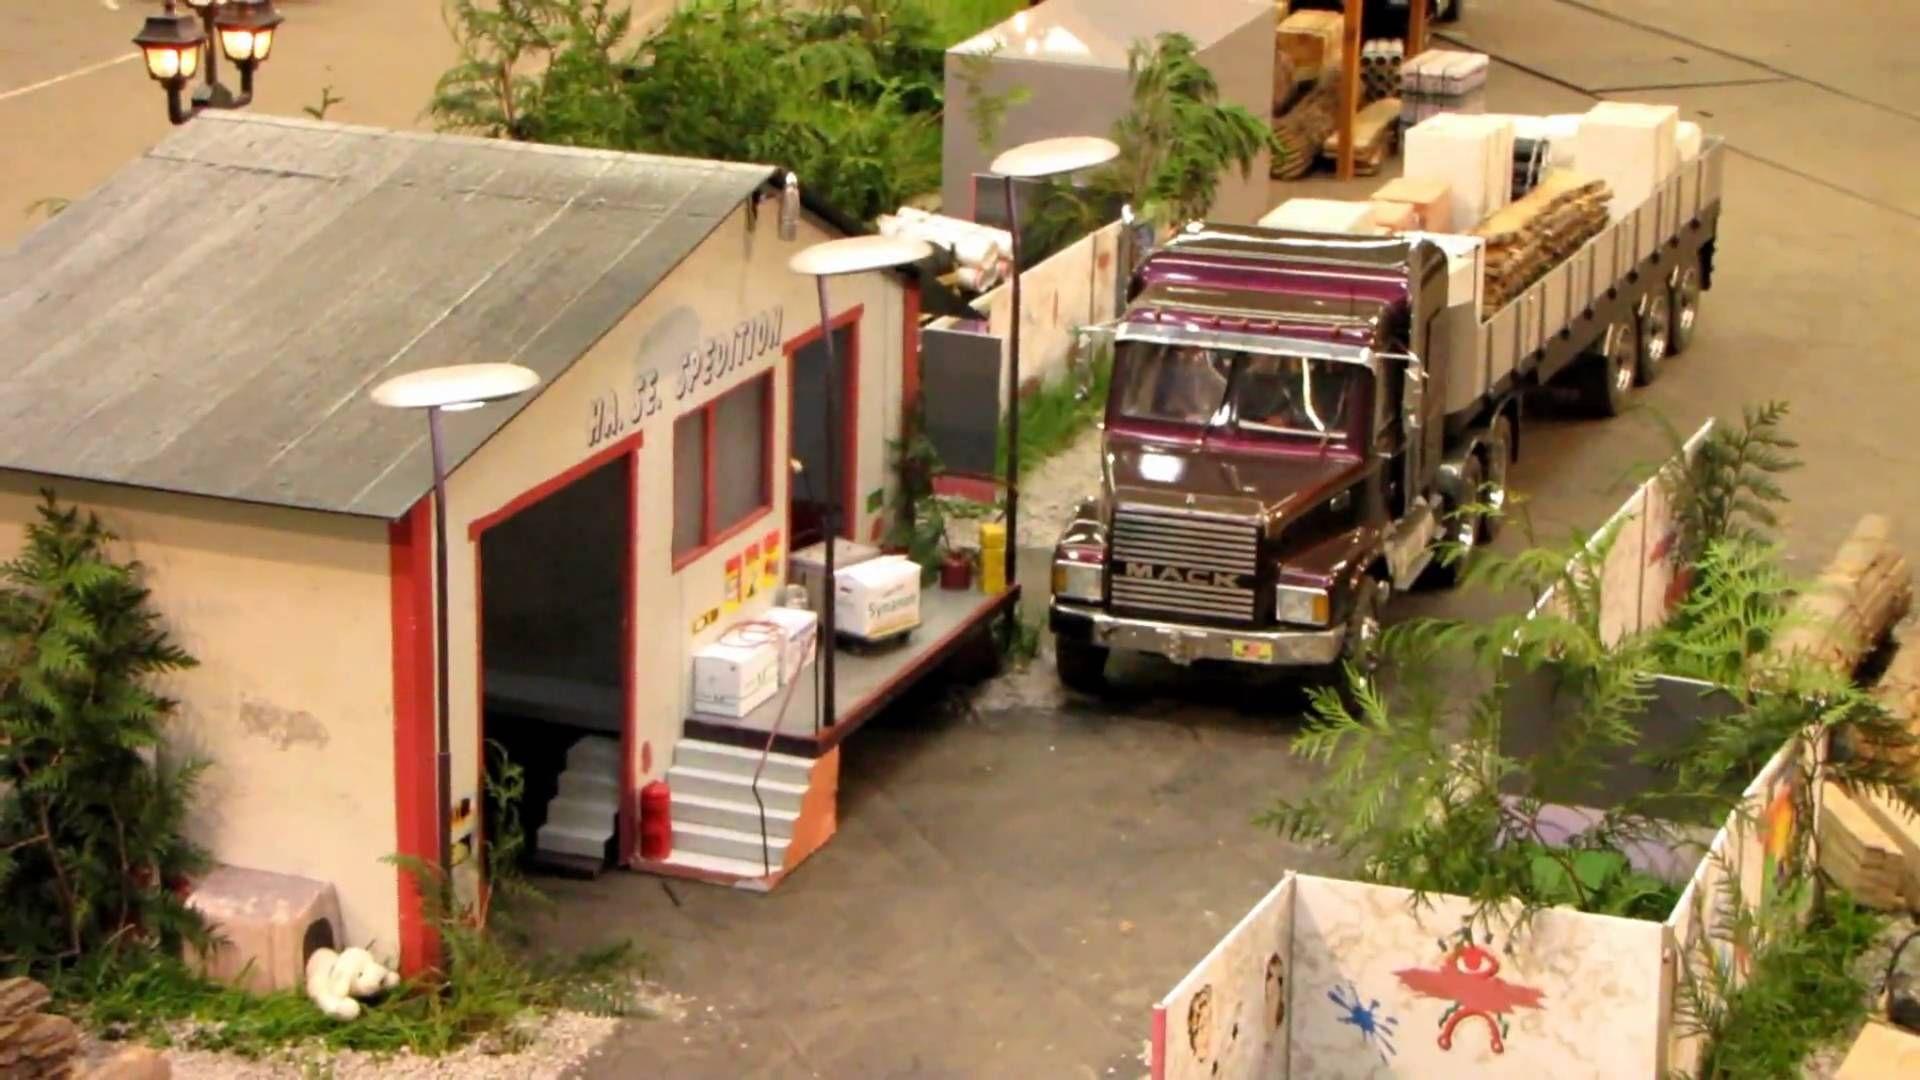 Endlich hat es geklappt das Video in 16:3 hoch zu laden. Trucks in einer liebevollen Miniaturlandschaft umgeben. Super gemacht. Firmen wo man die 1/ 8 Bausät...